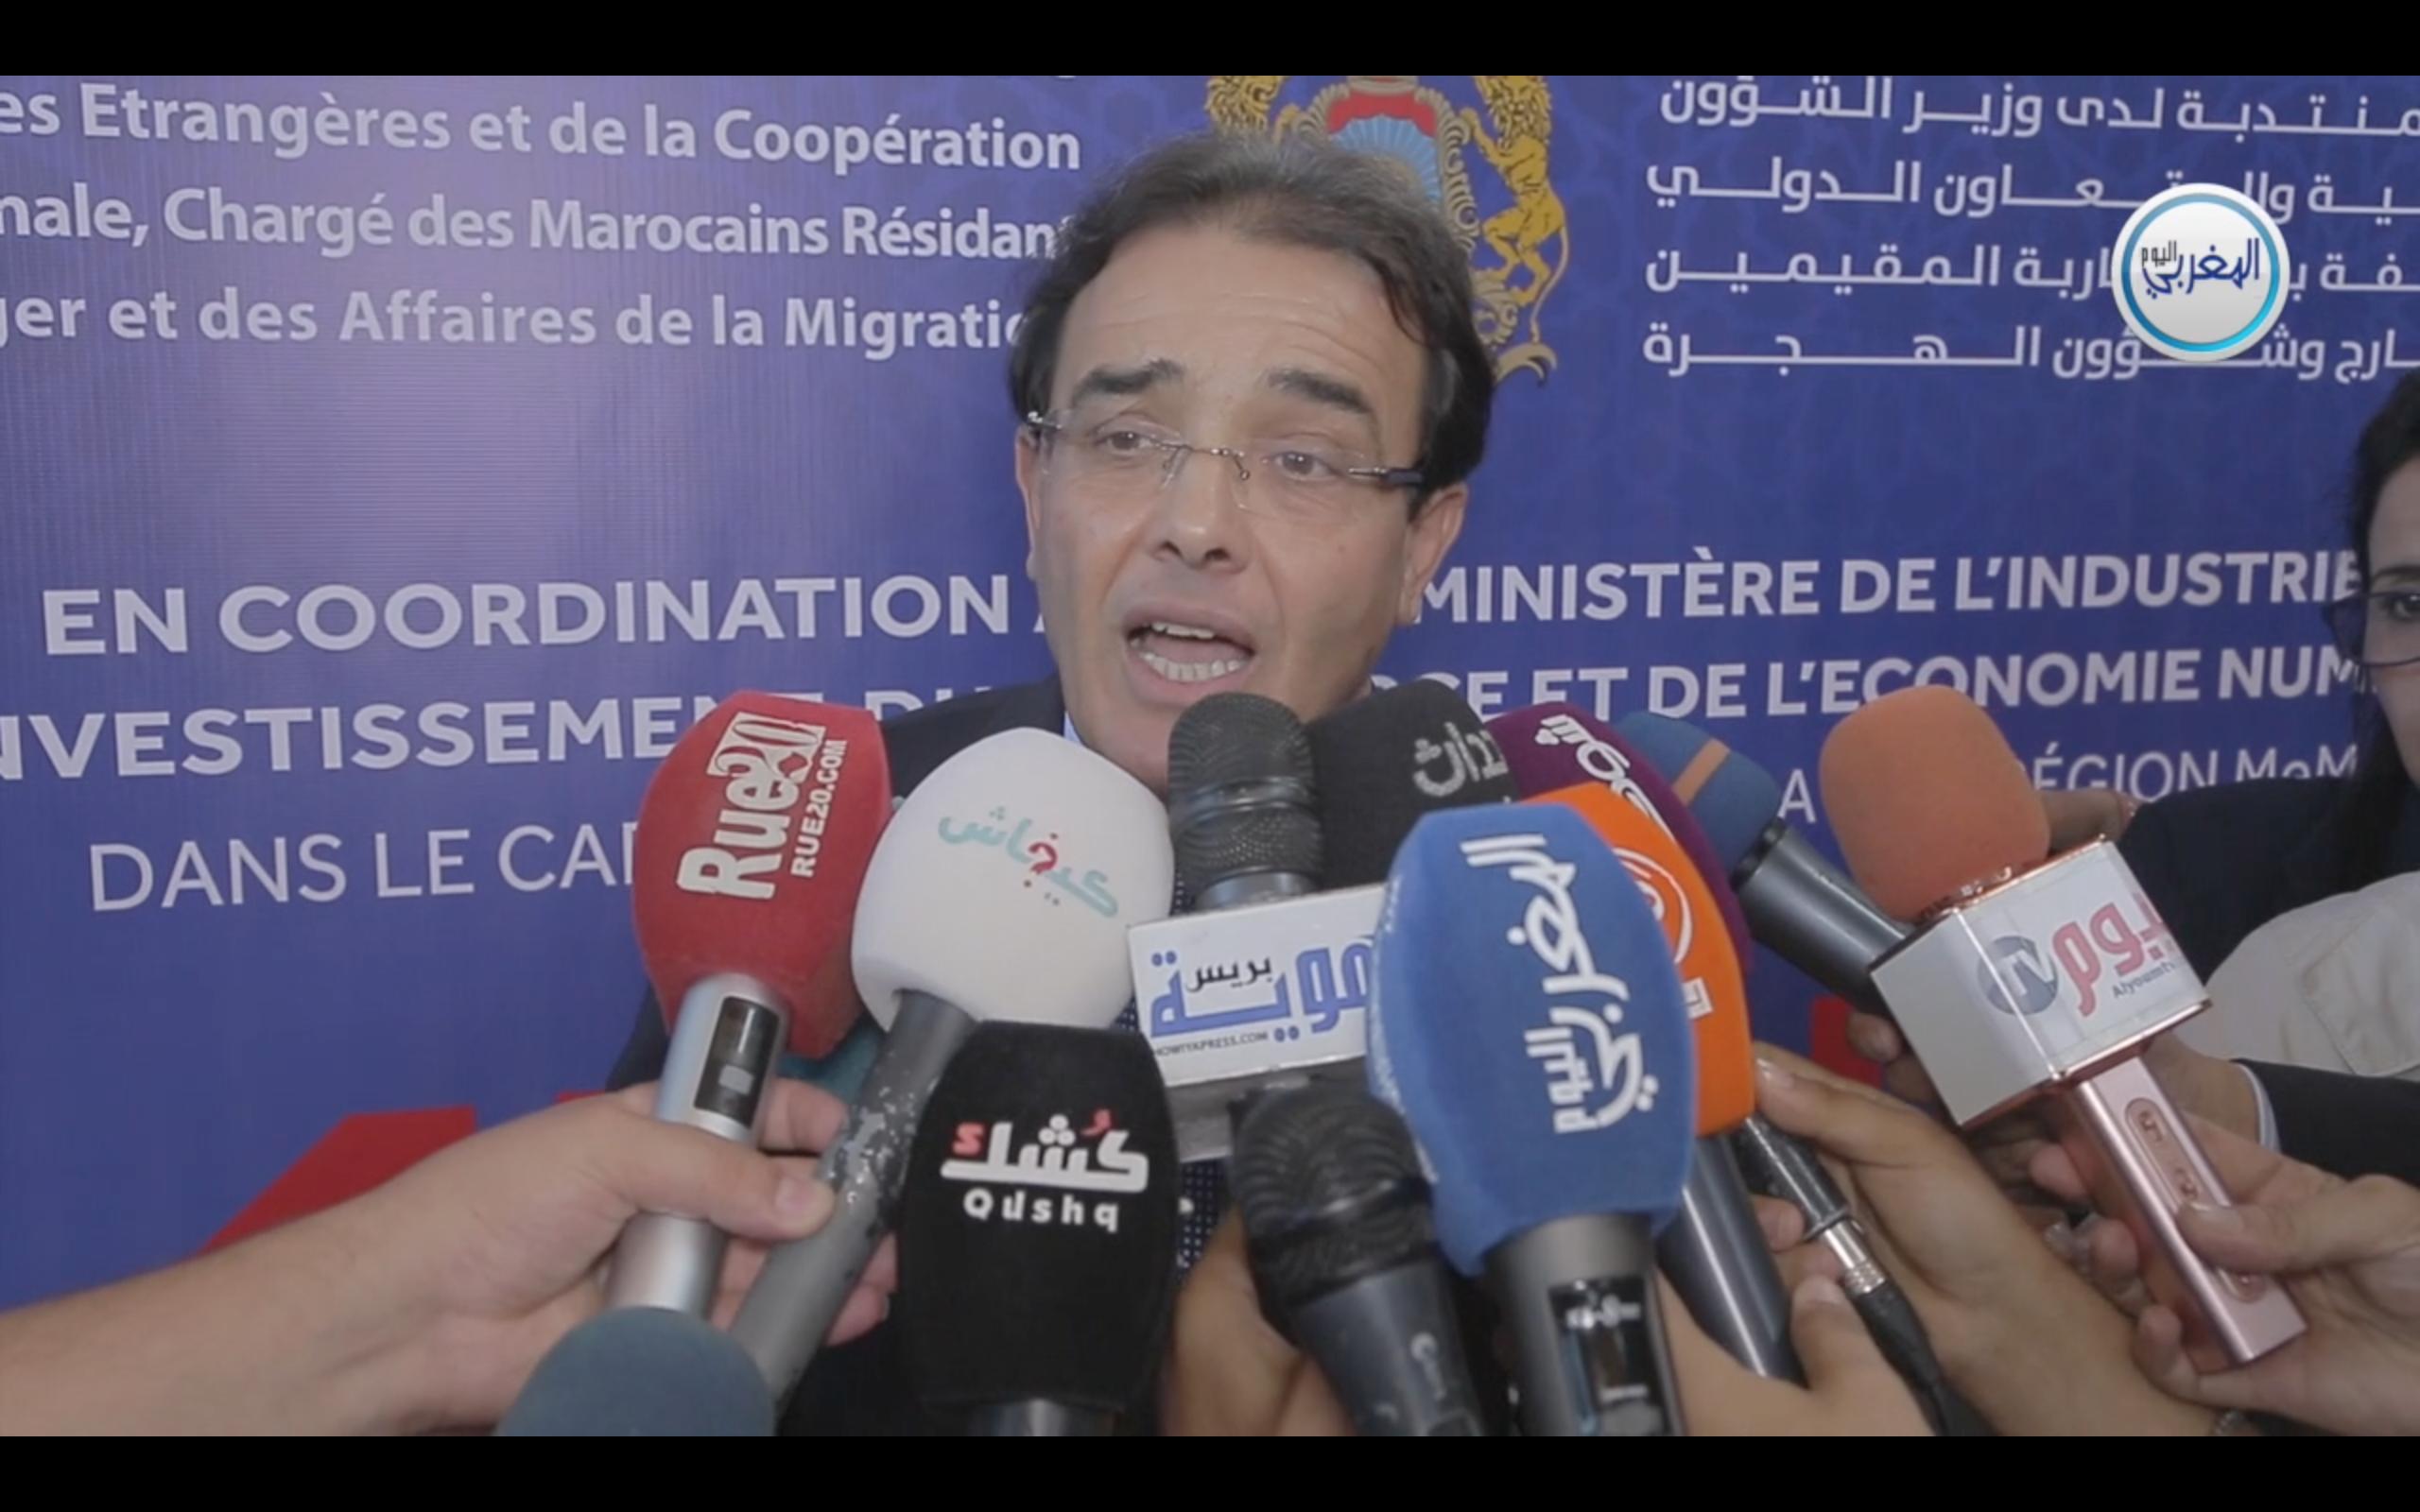 بالفيديو… بنعتيق يجمع ثلة من خبراء المغرب وكندا حول صناعة الطيران